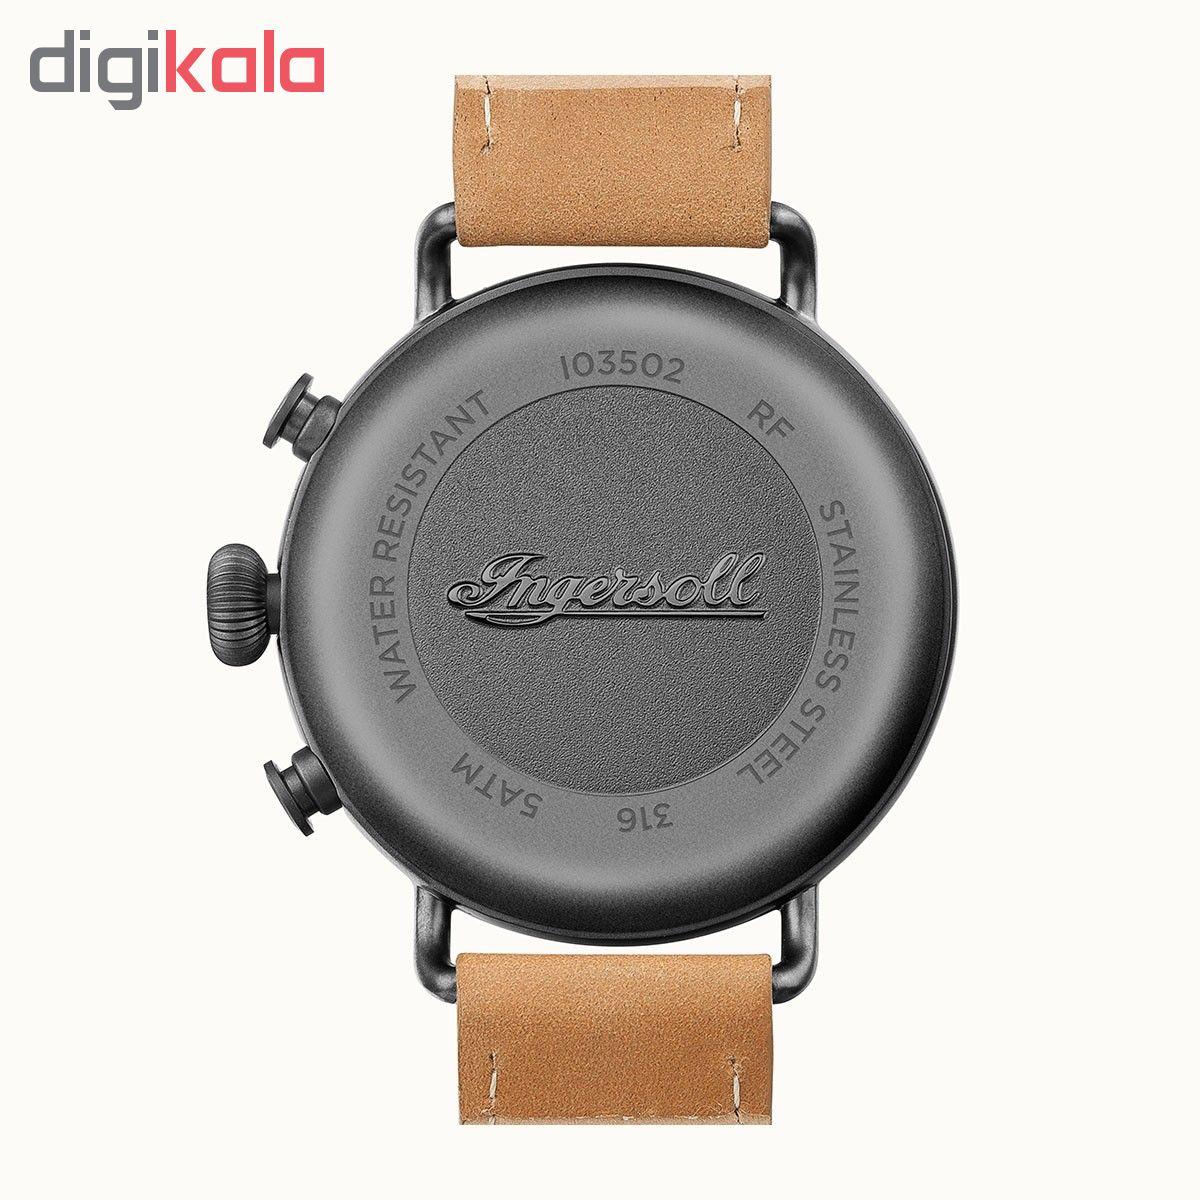 ساعت مچی عقربه ای مردانه اینگرسل مدل I03502